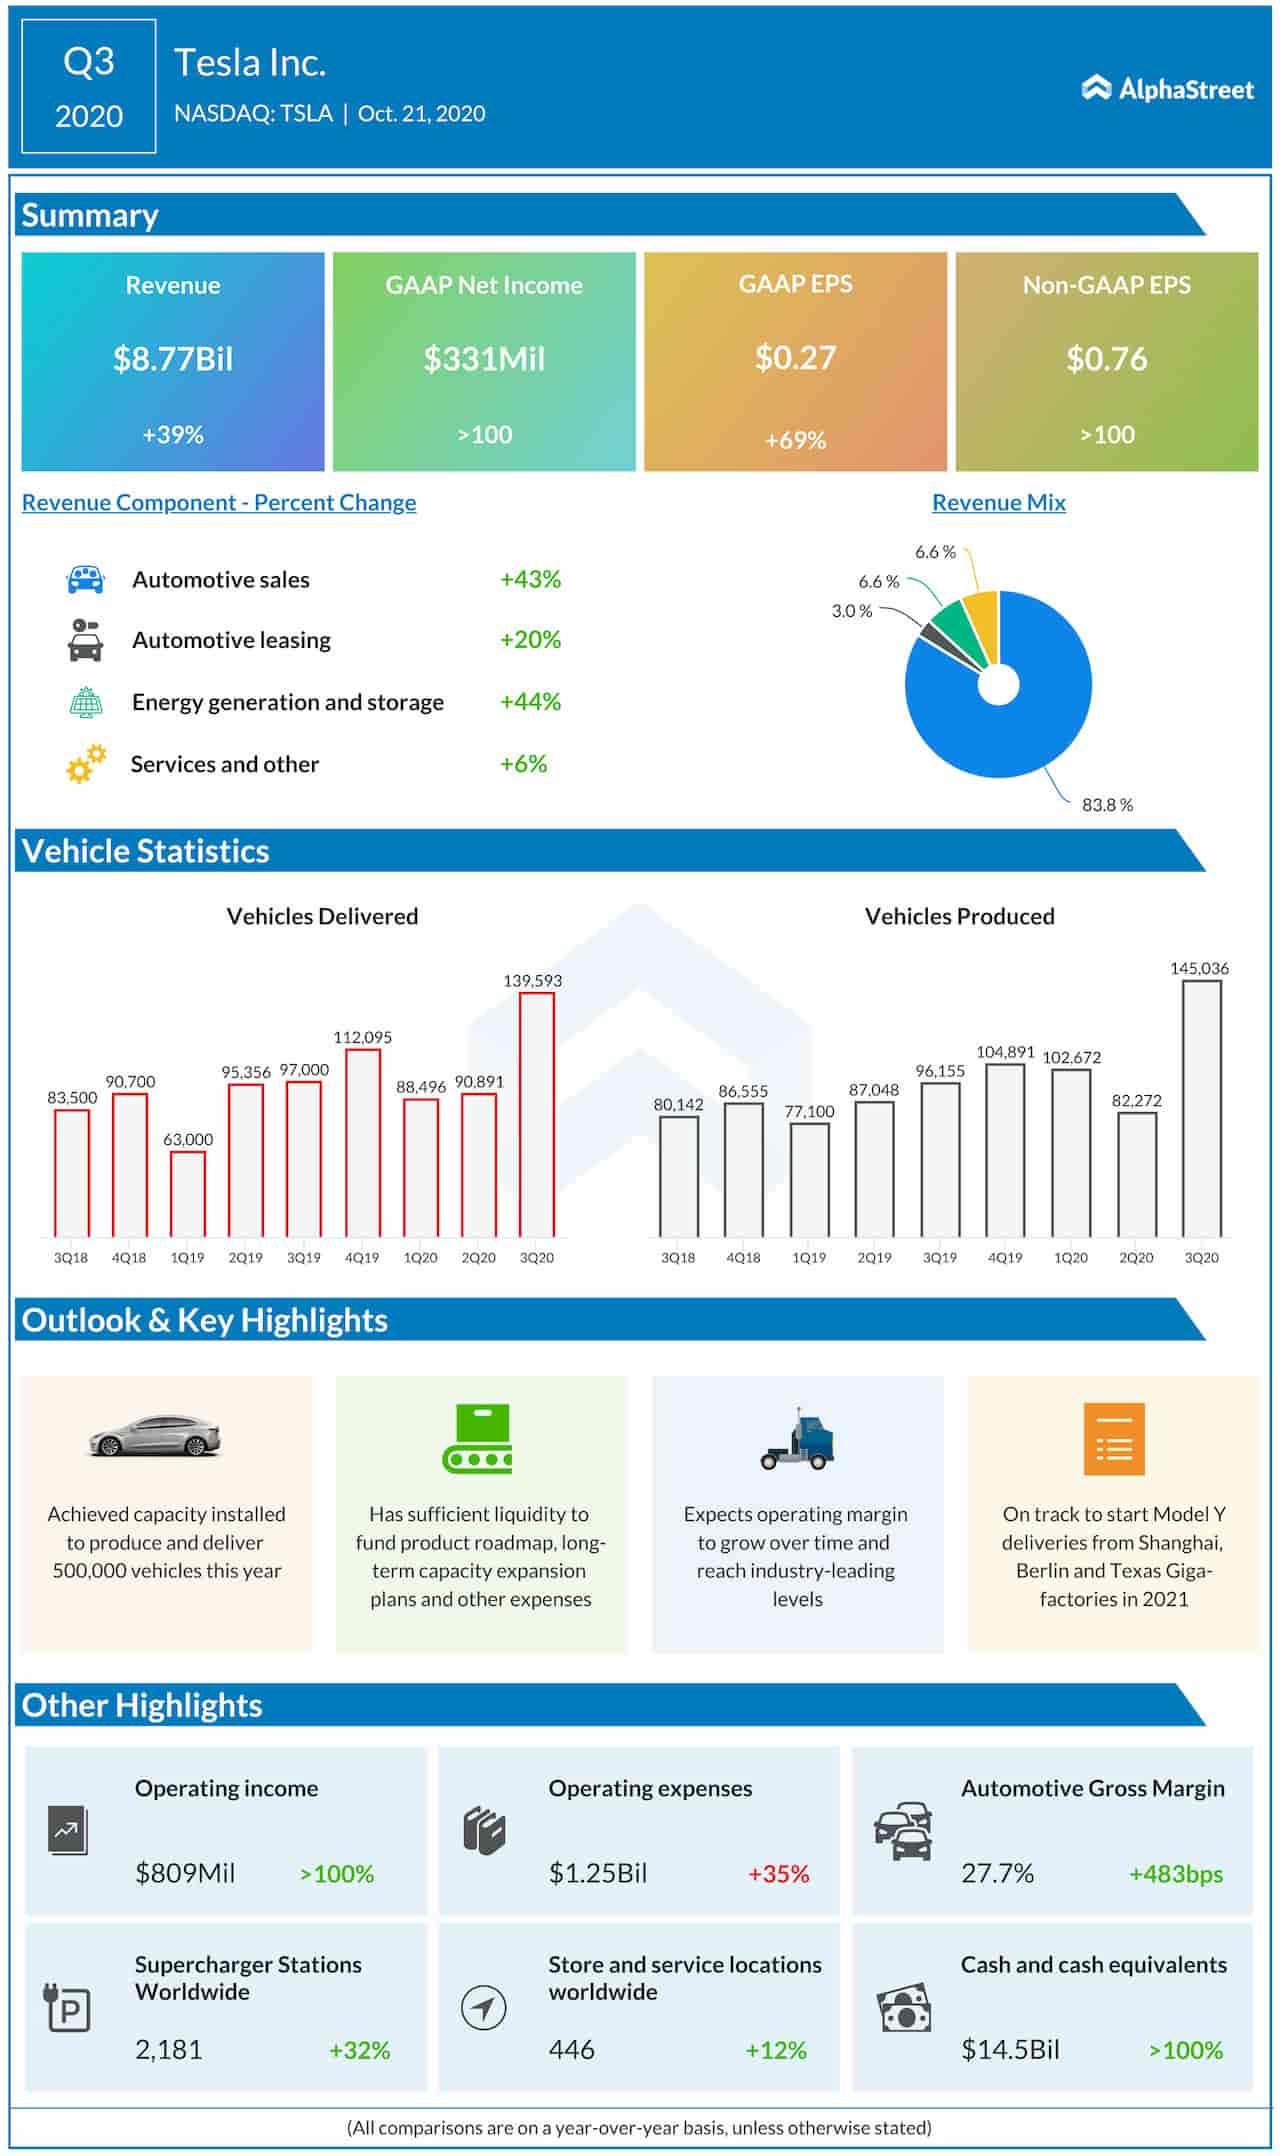 Tesla Q3 2020 Earnings Infographic